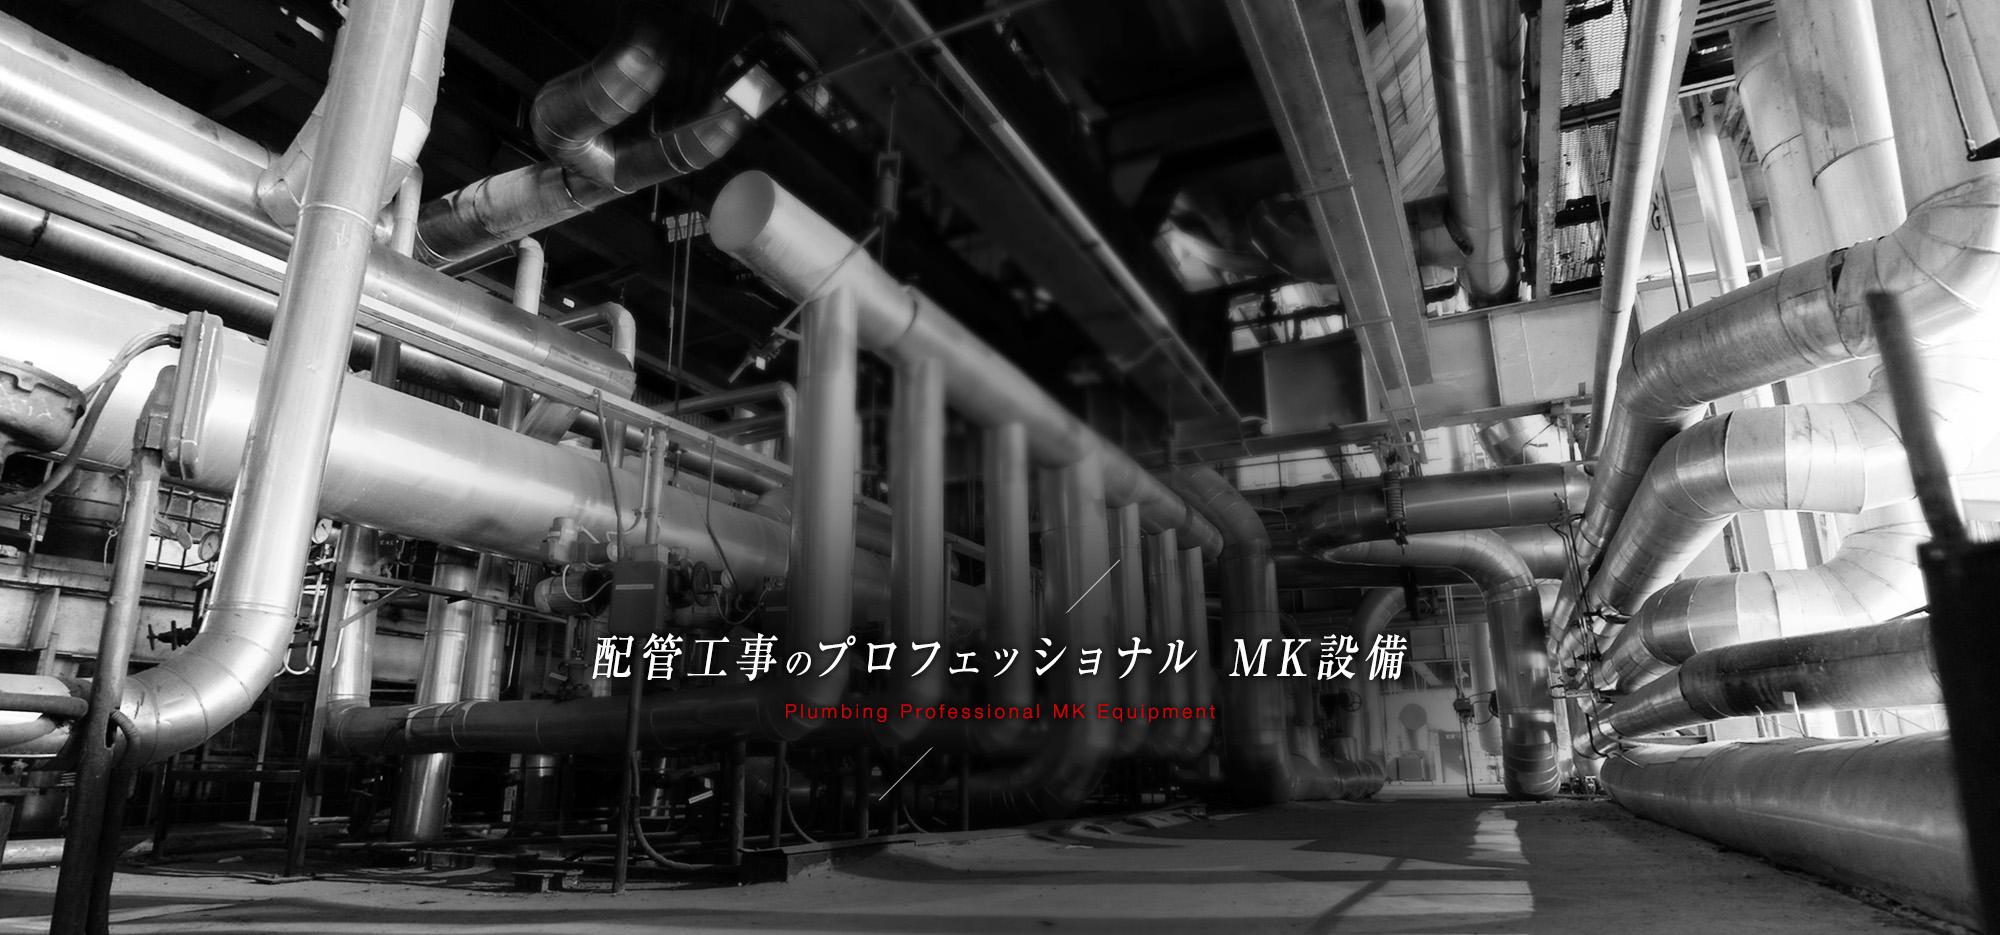 配管工事のプロフェッショナル MK設備